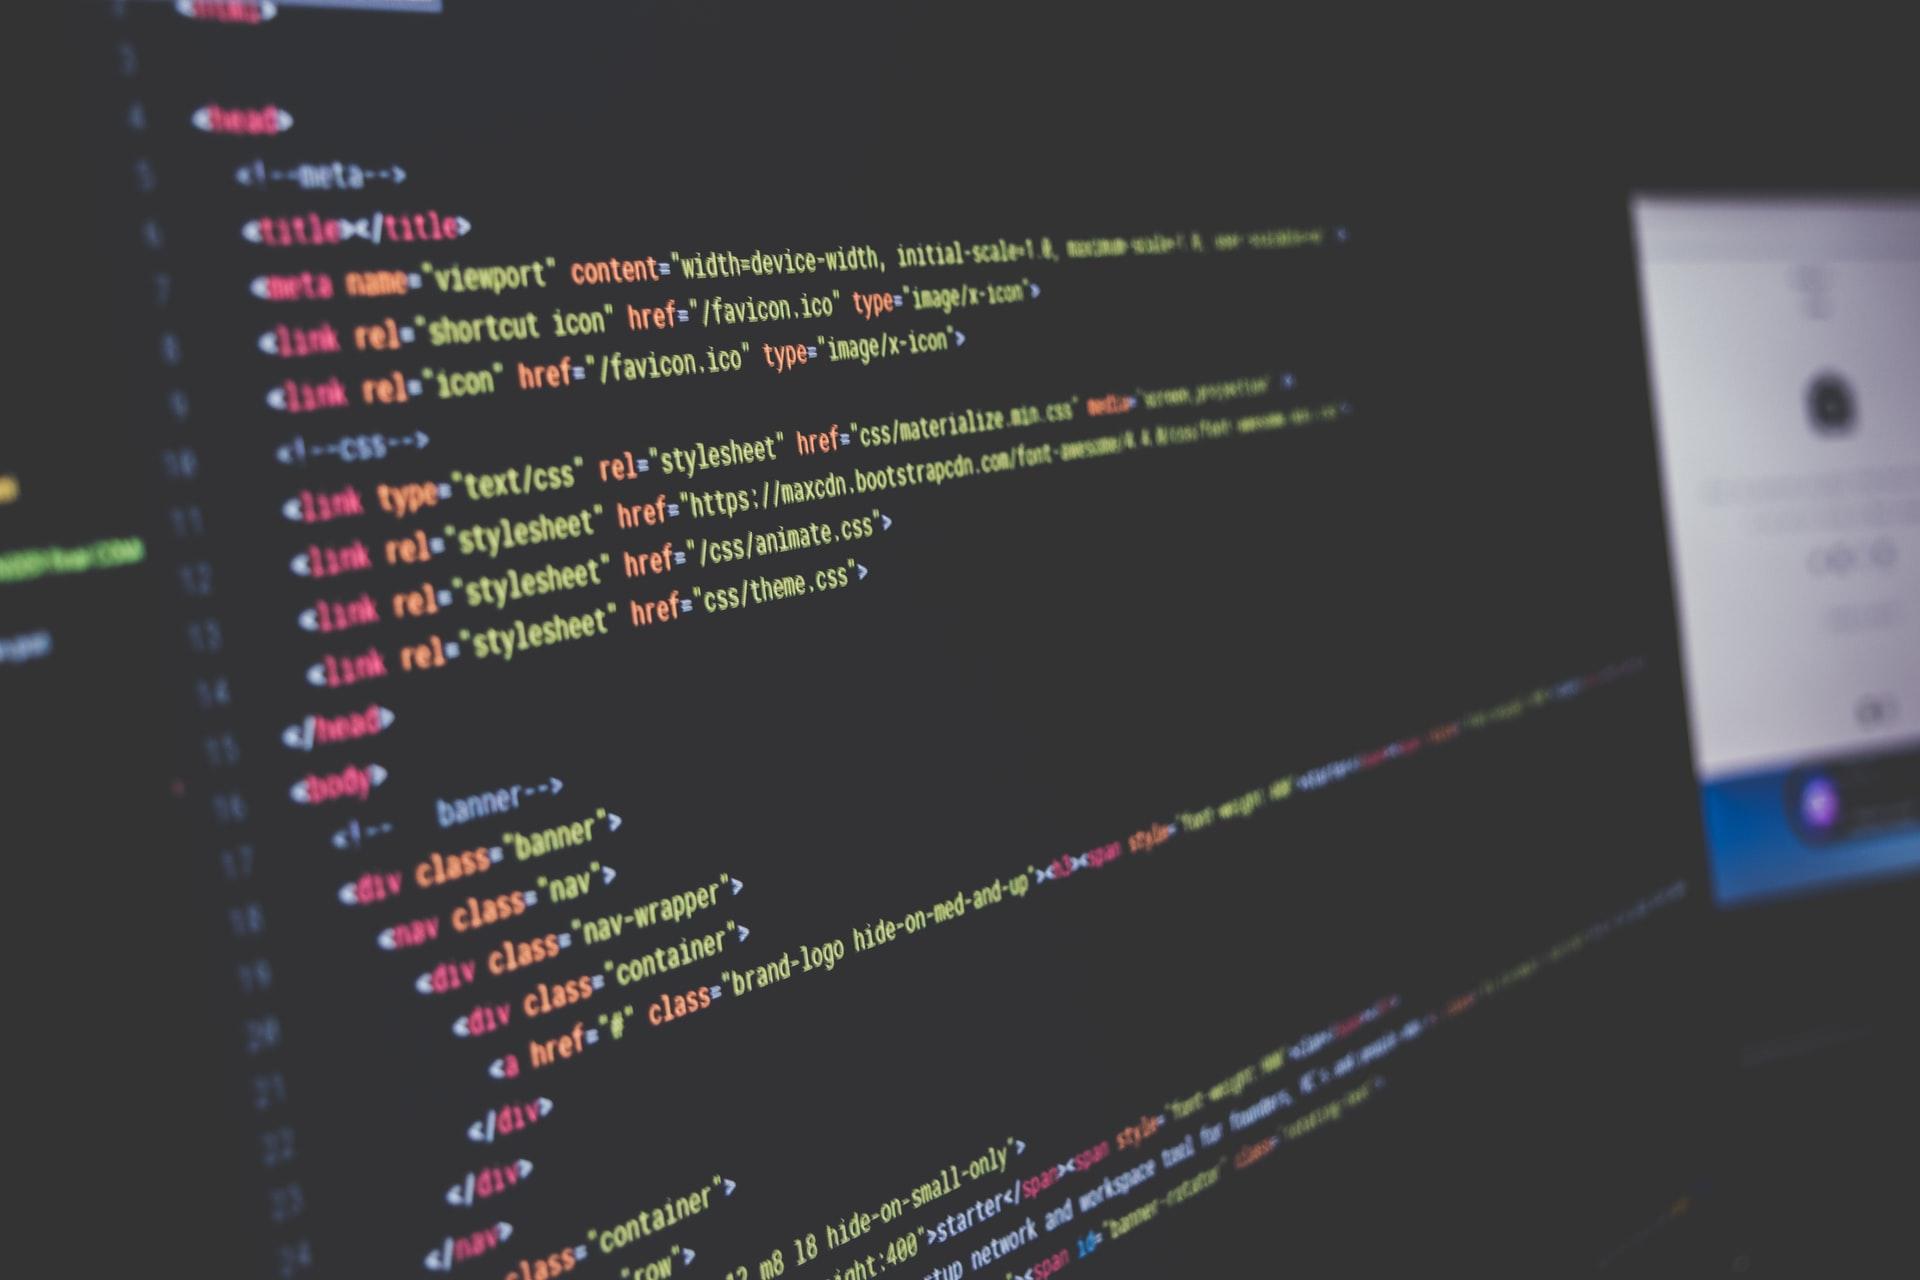 VSCodeでEmmetを展開した時に閉じタグの後ろにID・クラス名のコメントを自動挿入する方法